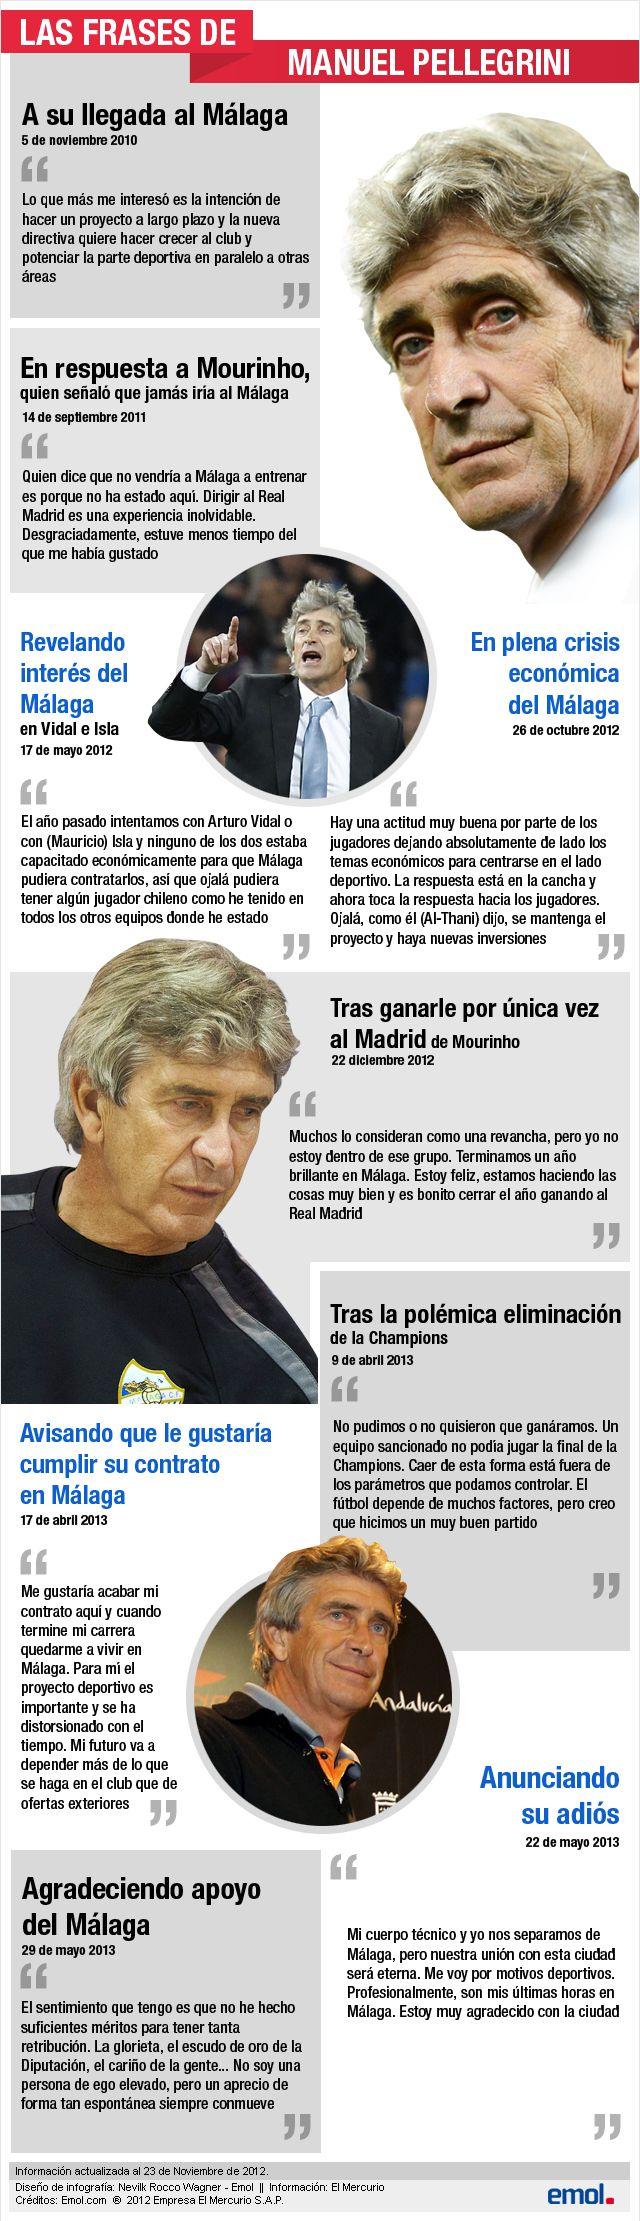 Infografía: Repasa las mejores frases de Pellegrini en el Málaga | Emol.com